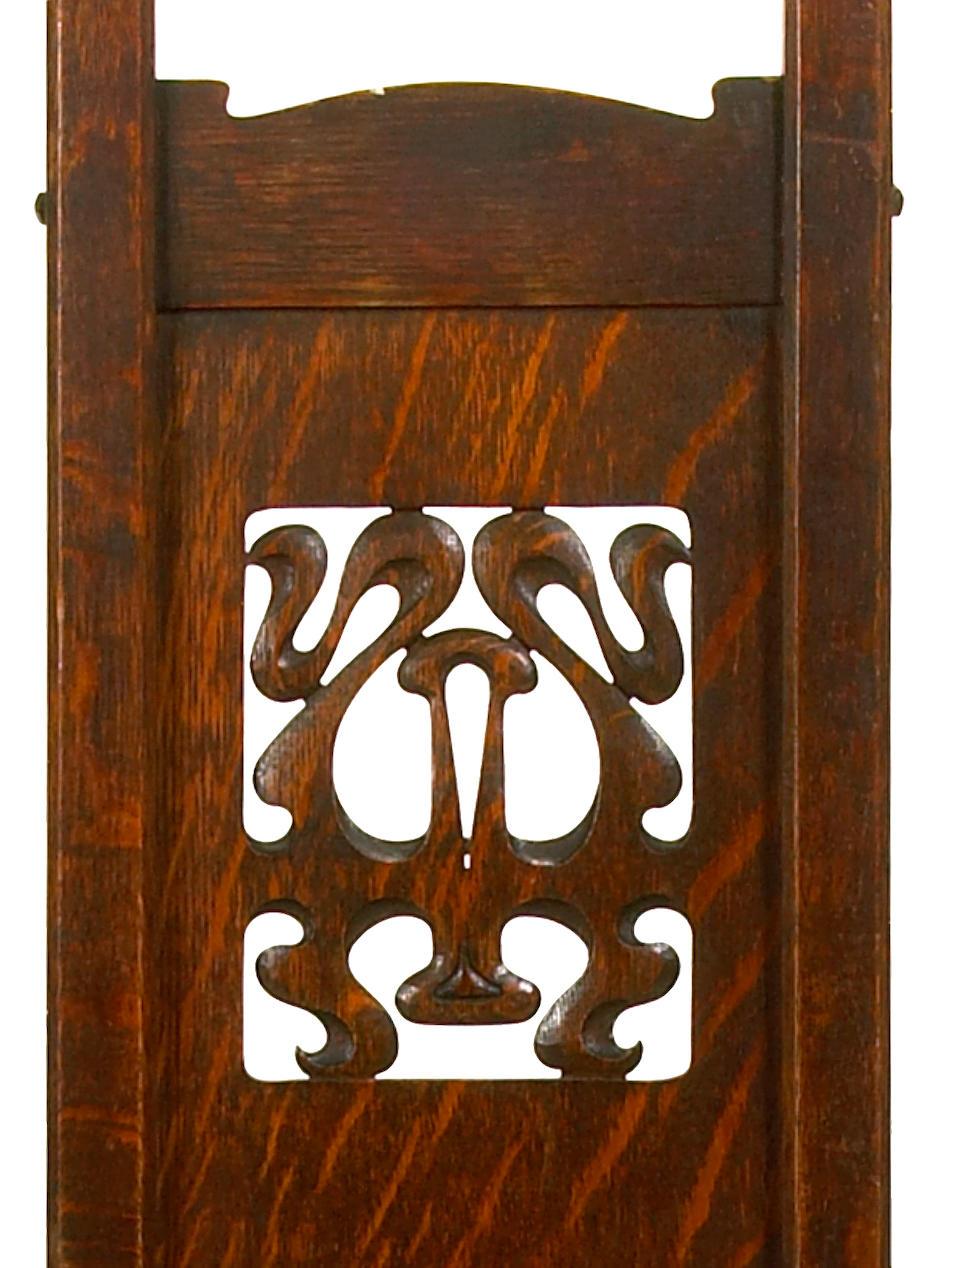 Bonhams : A Charles Rohlfs carved oak armchair